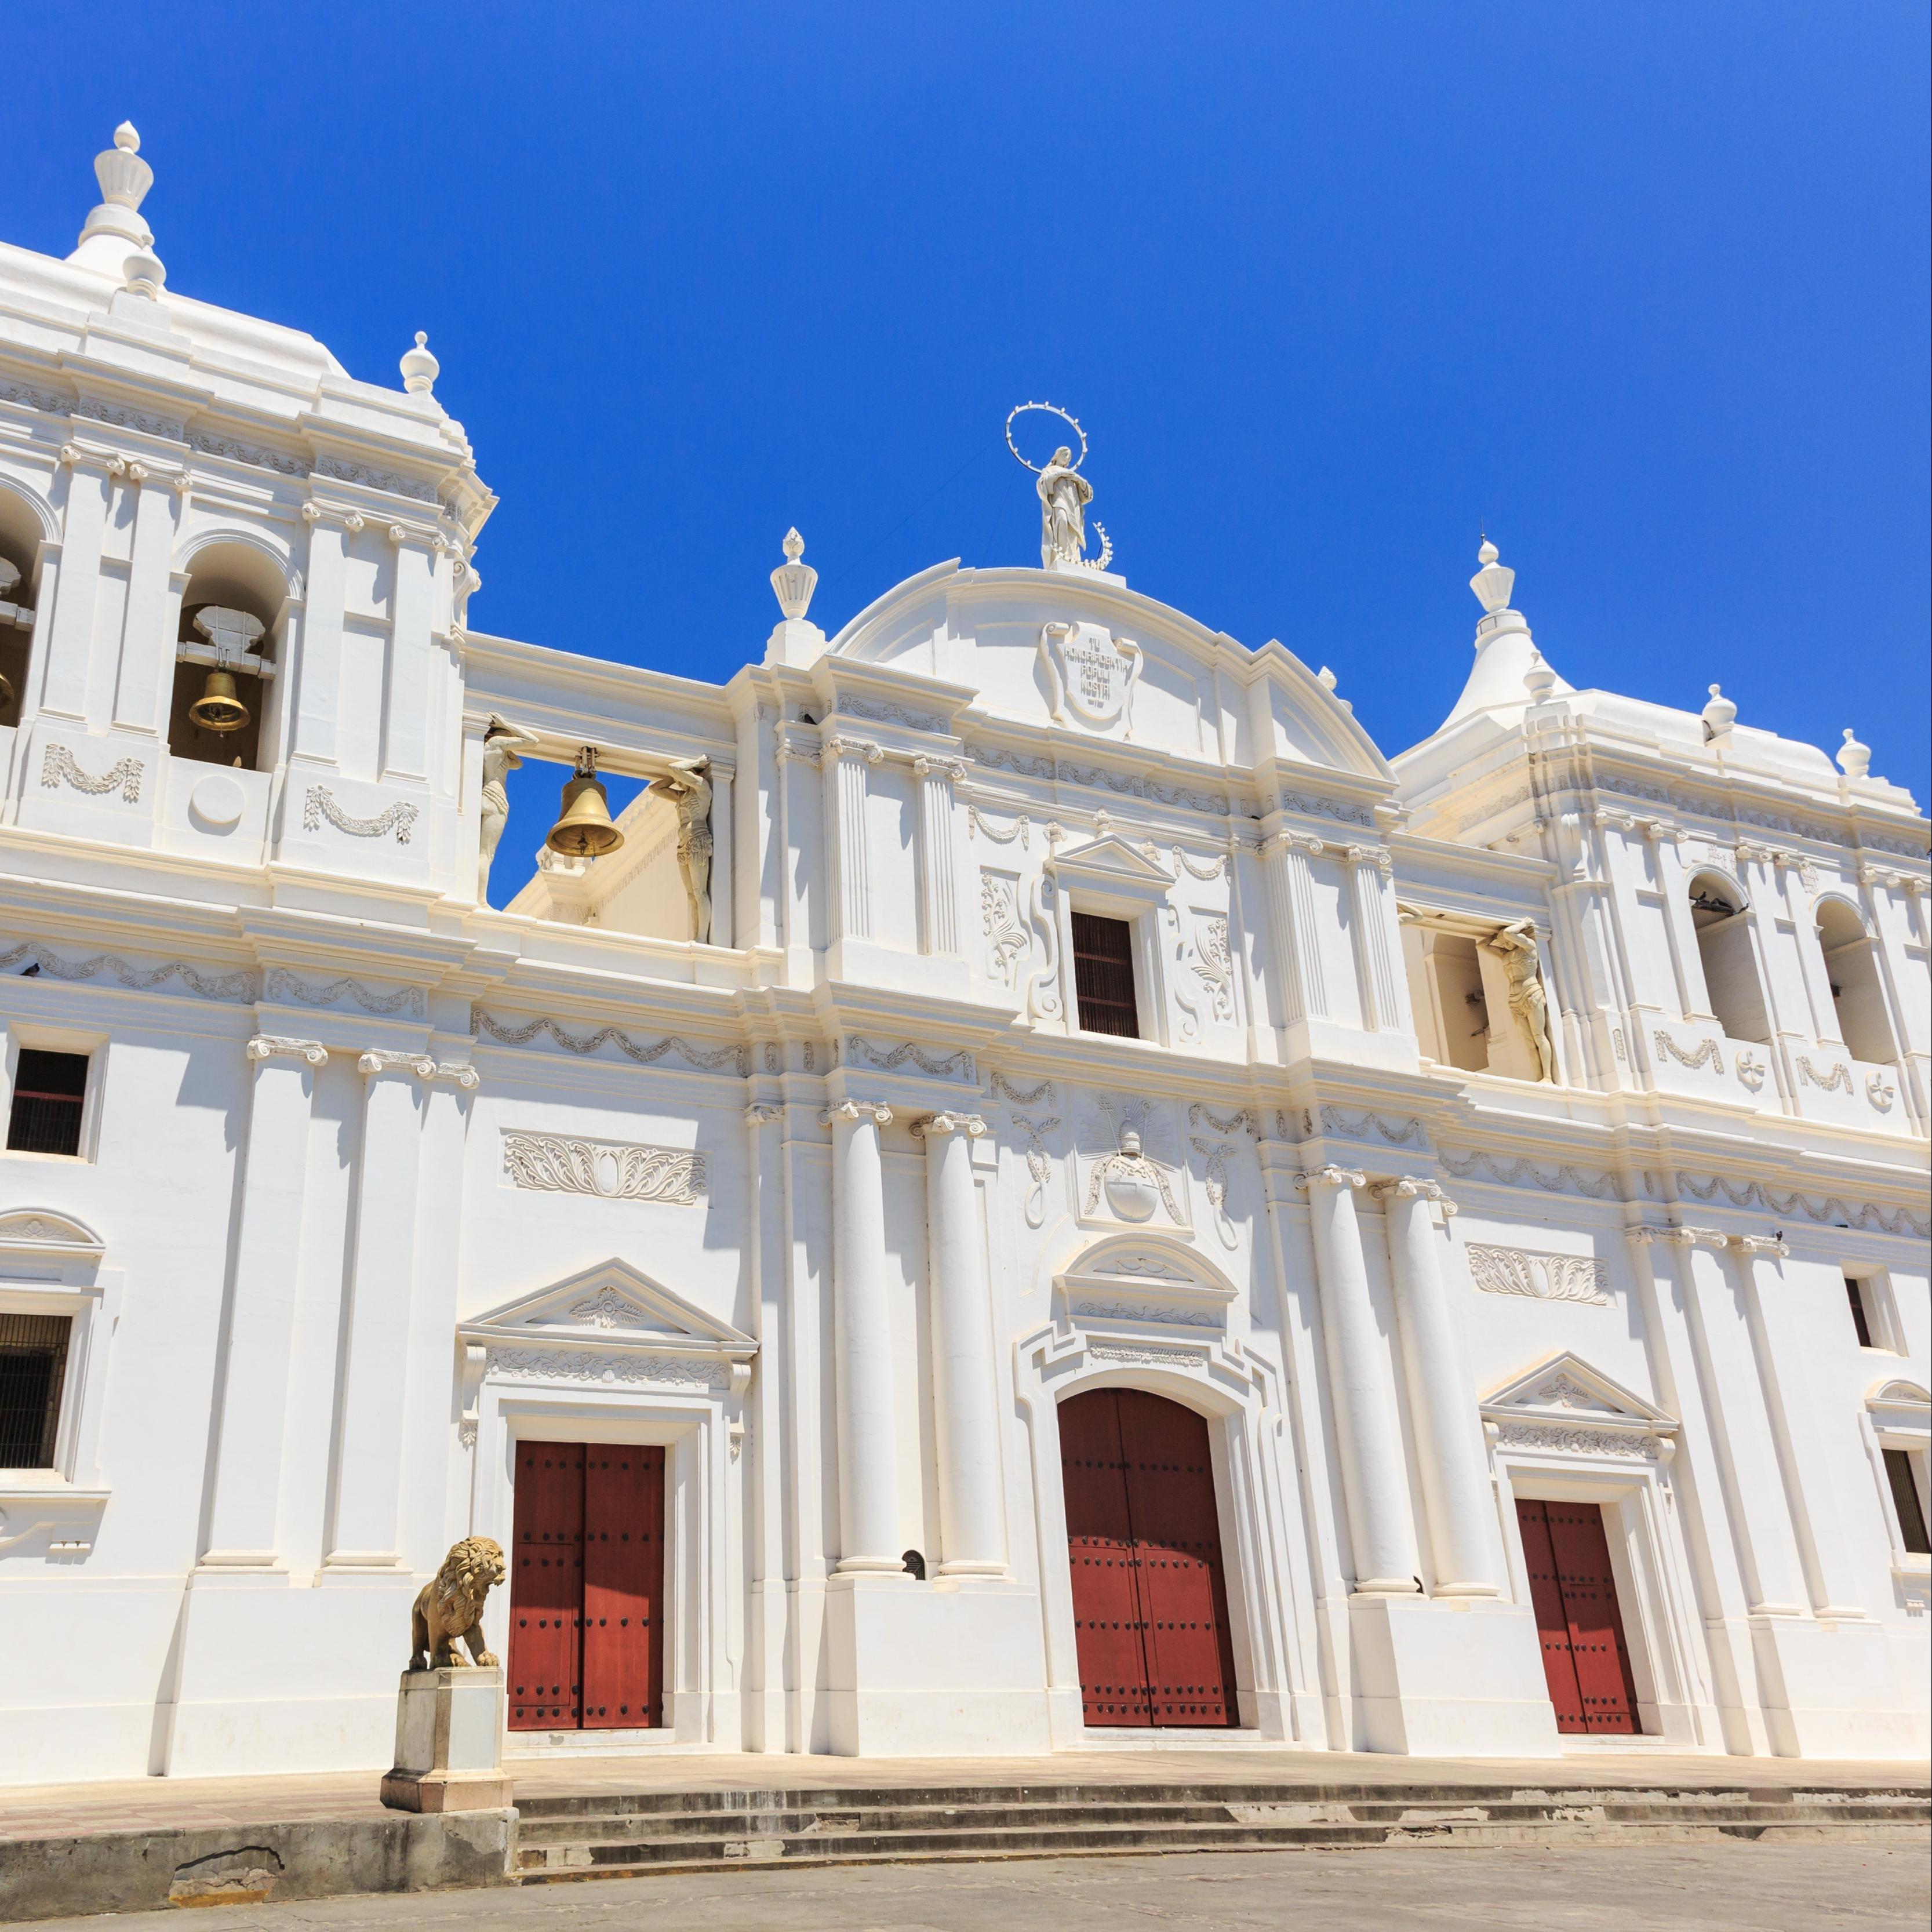 León, kathedraal La Asunción